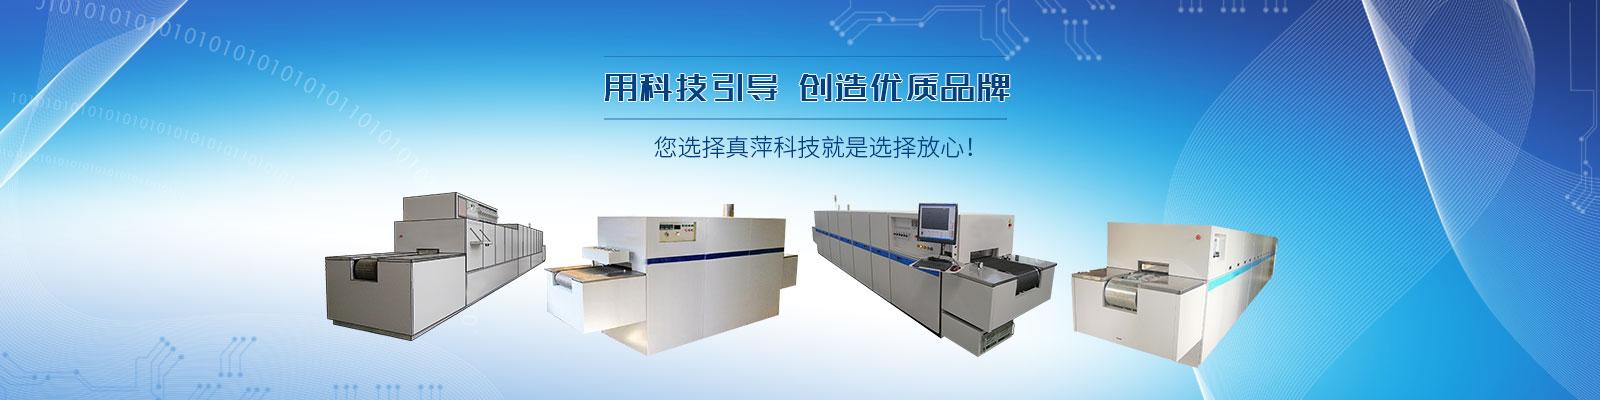 合肥真萍電子科技有限公司